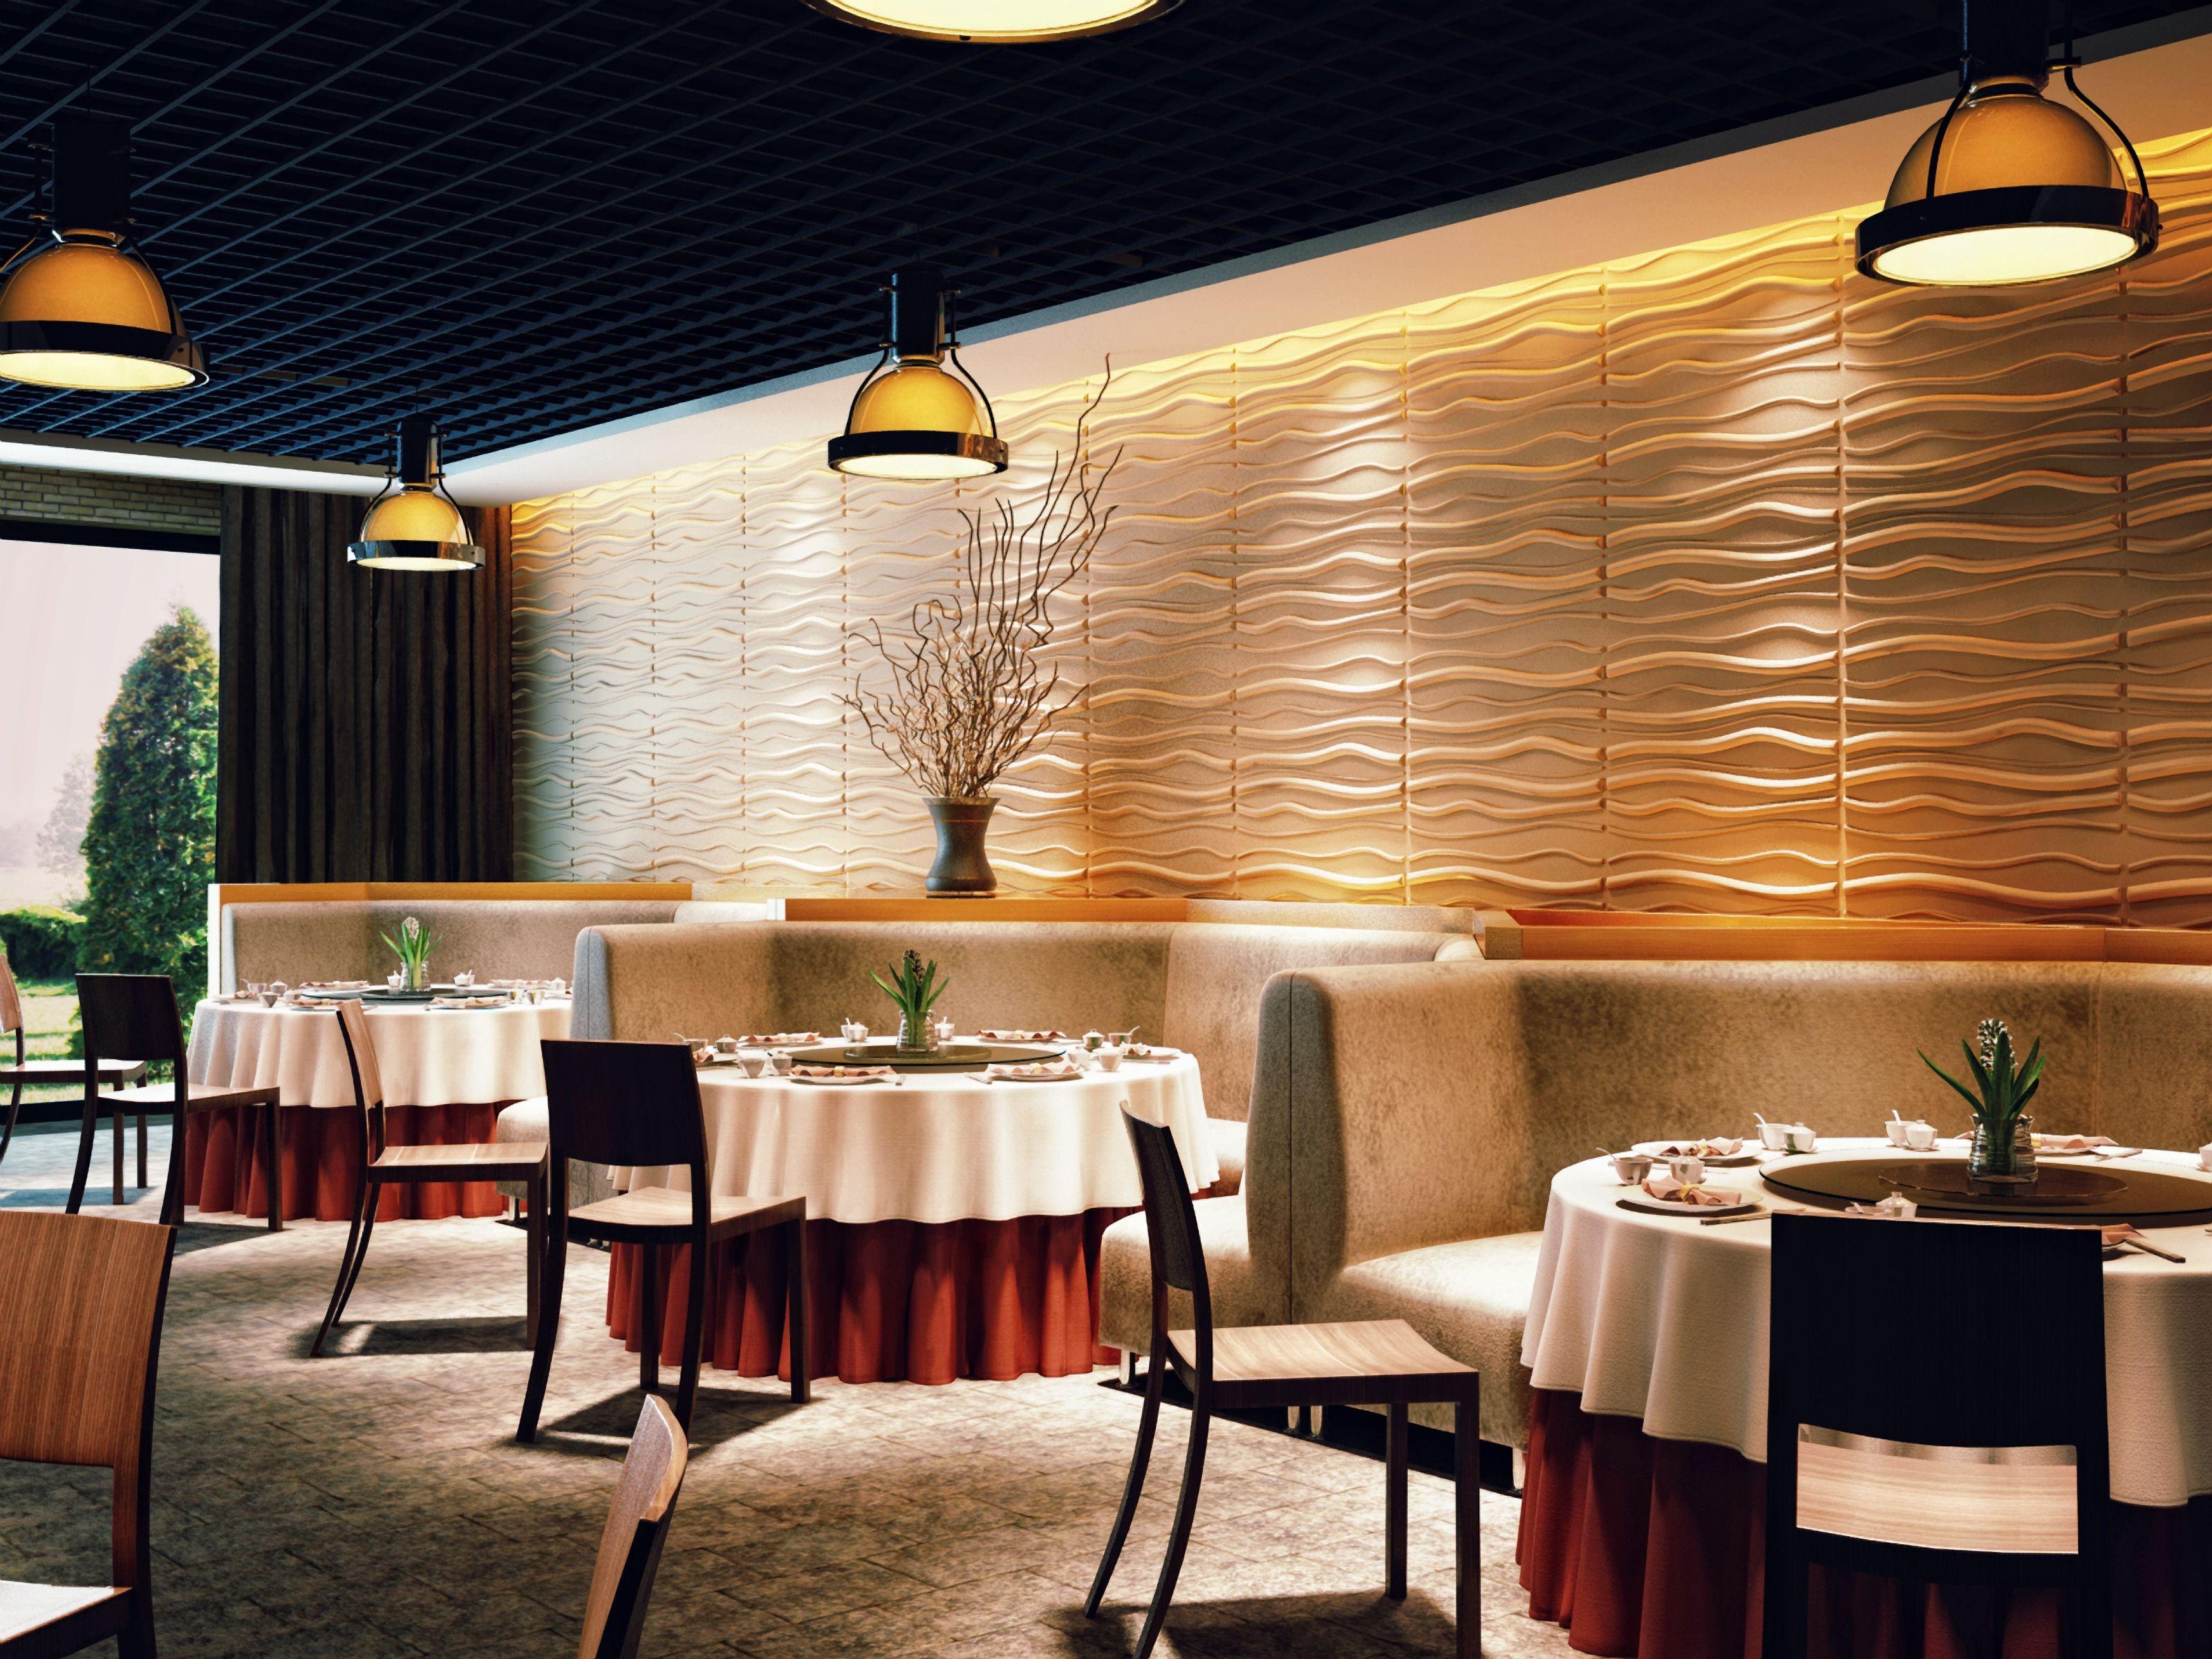 Innovative 3d Wandgestaltung Mit Paneelen Aus Bambusfasern Und Zuckerrohr Wandpaneele 3d Wandplatten Wandverkleidung